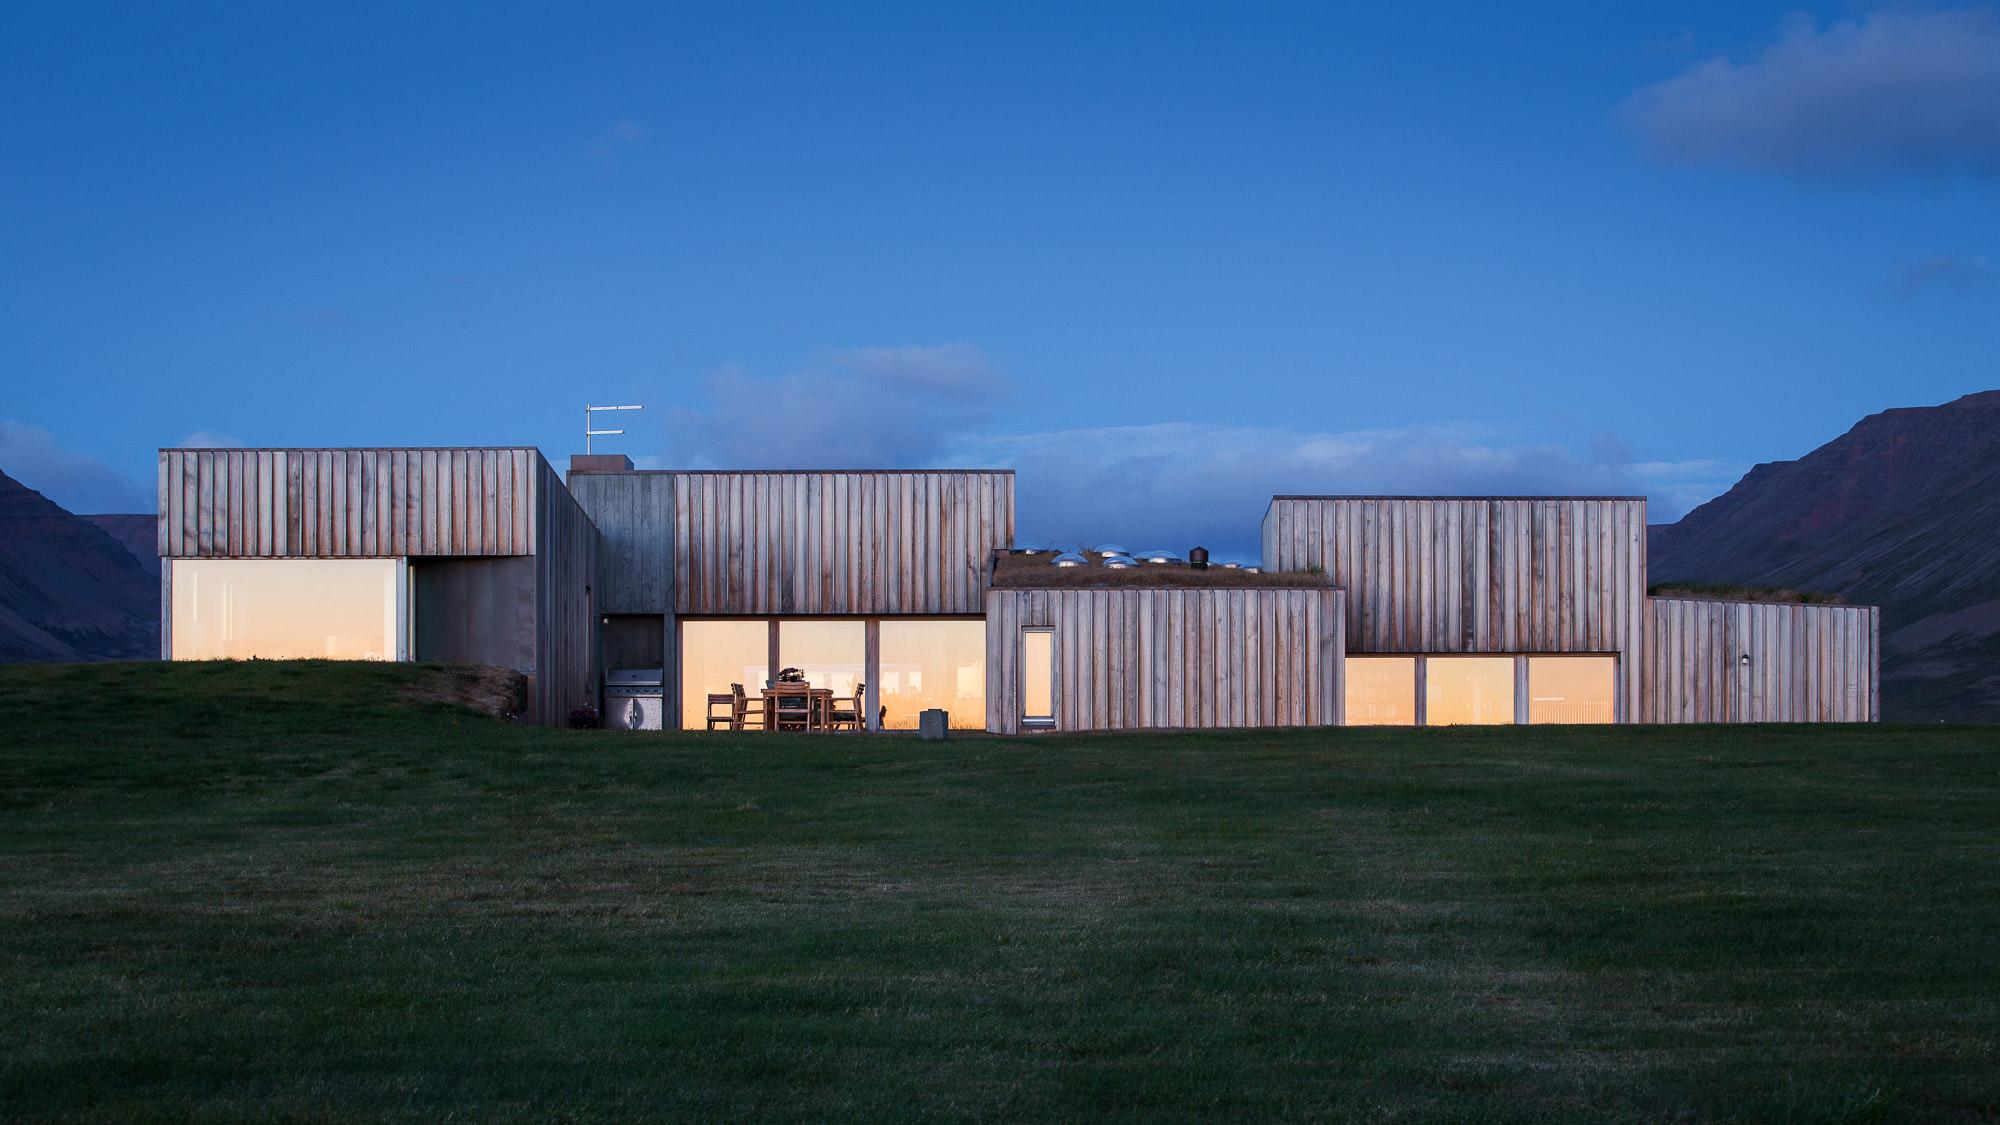 Hof Residence, Skagafjörður, Iceland - Studio Granda